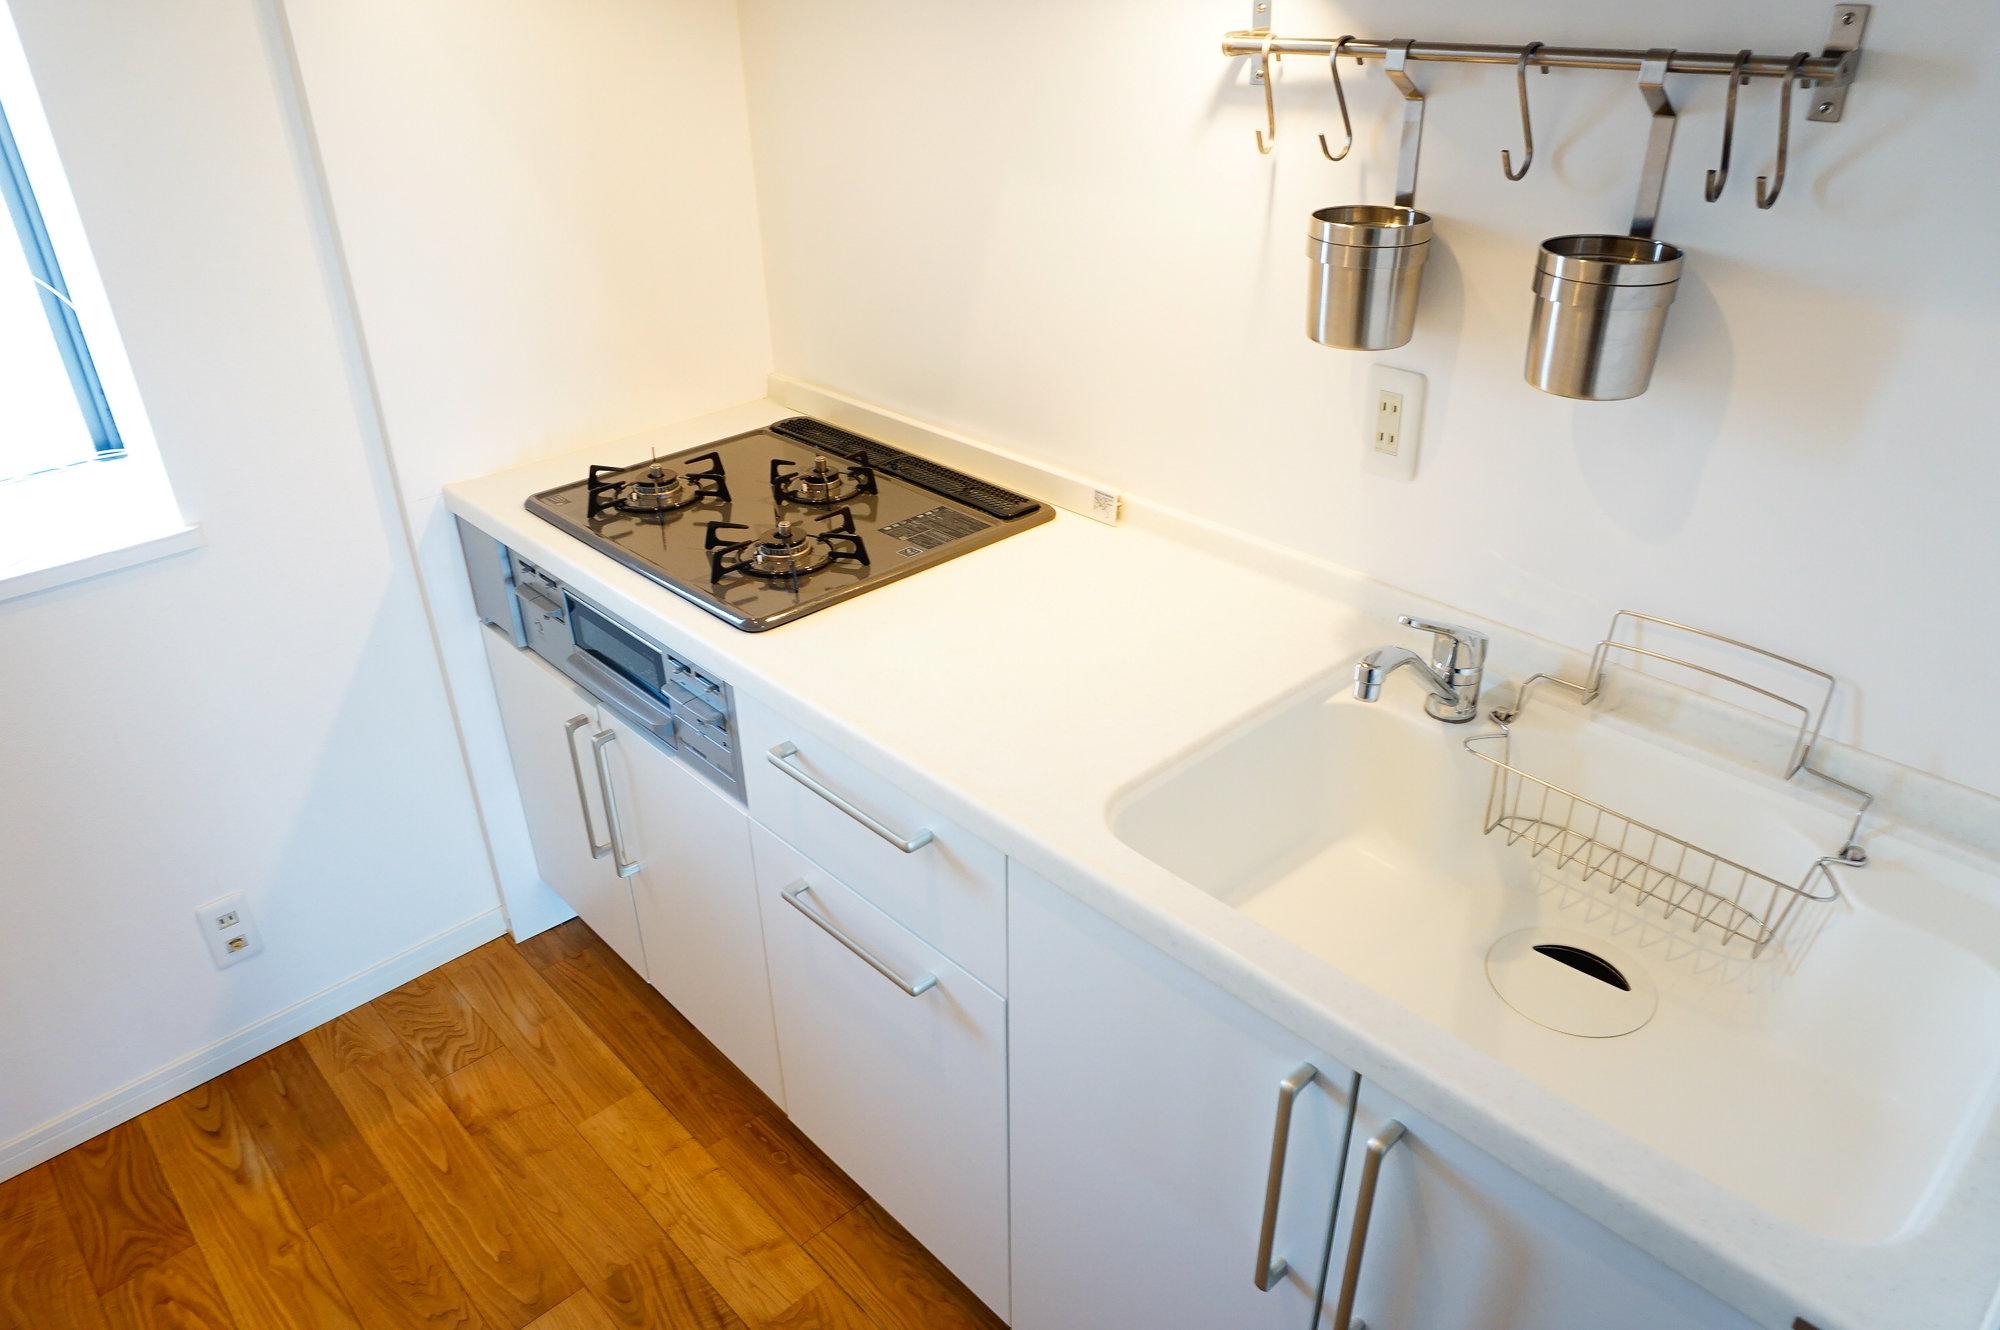 キッチンもgoodroomのこだわりが。人工大理石天板を使用していて、傷が目立ちにくいのが特徴です。白で統一されているキッチンって、なかなかないんですよね。これなら友達にも自慢してしまいそう……。